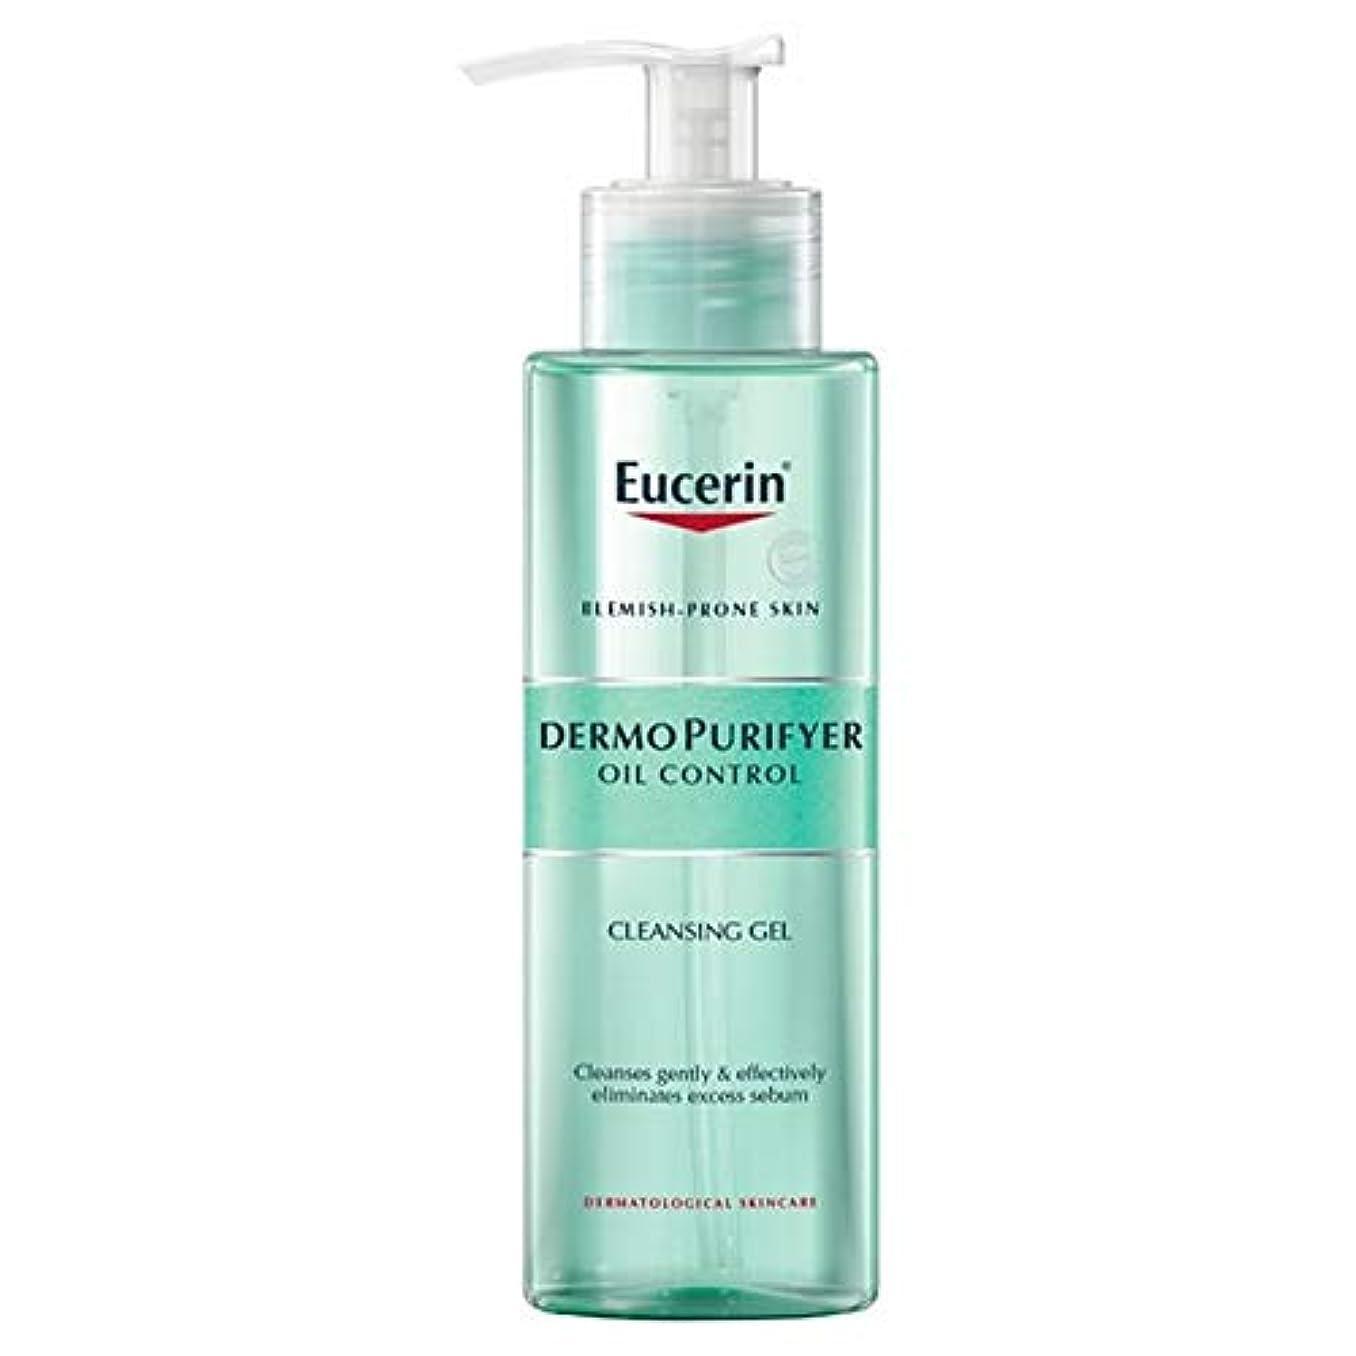 デモンストレーション第二徐々に[Eucerin ] ユーセリンDermopurifyerオイルコントロールクレンジングジェル200Ml - Eucerin Dermopurifyer Oil Control Cleansing Gel 200ml [...